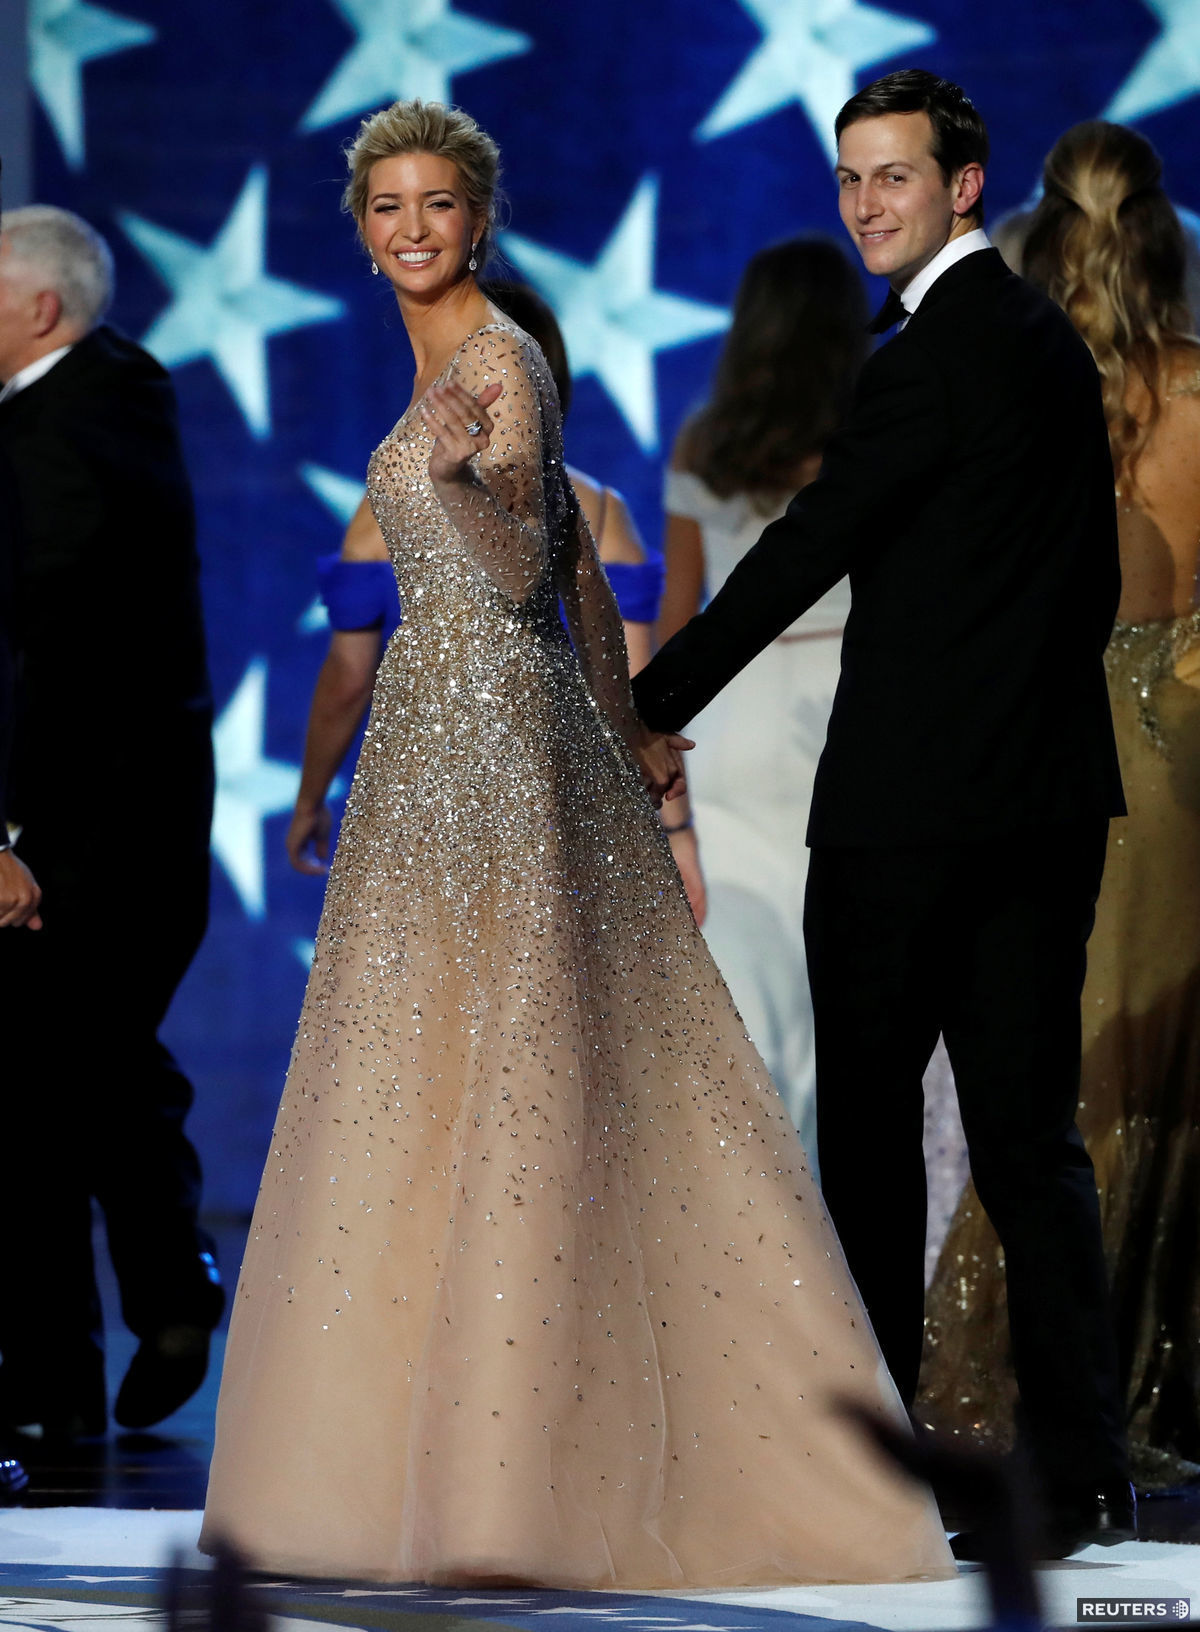 Ivanka Trump a jej manžel Jared Kushner, ktorý bude hlavným poradcom prezidenta Donalda Trumpa, na inauguračnom bále.